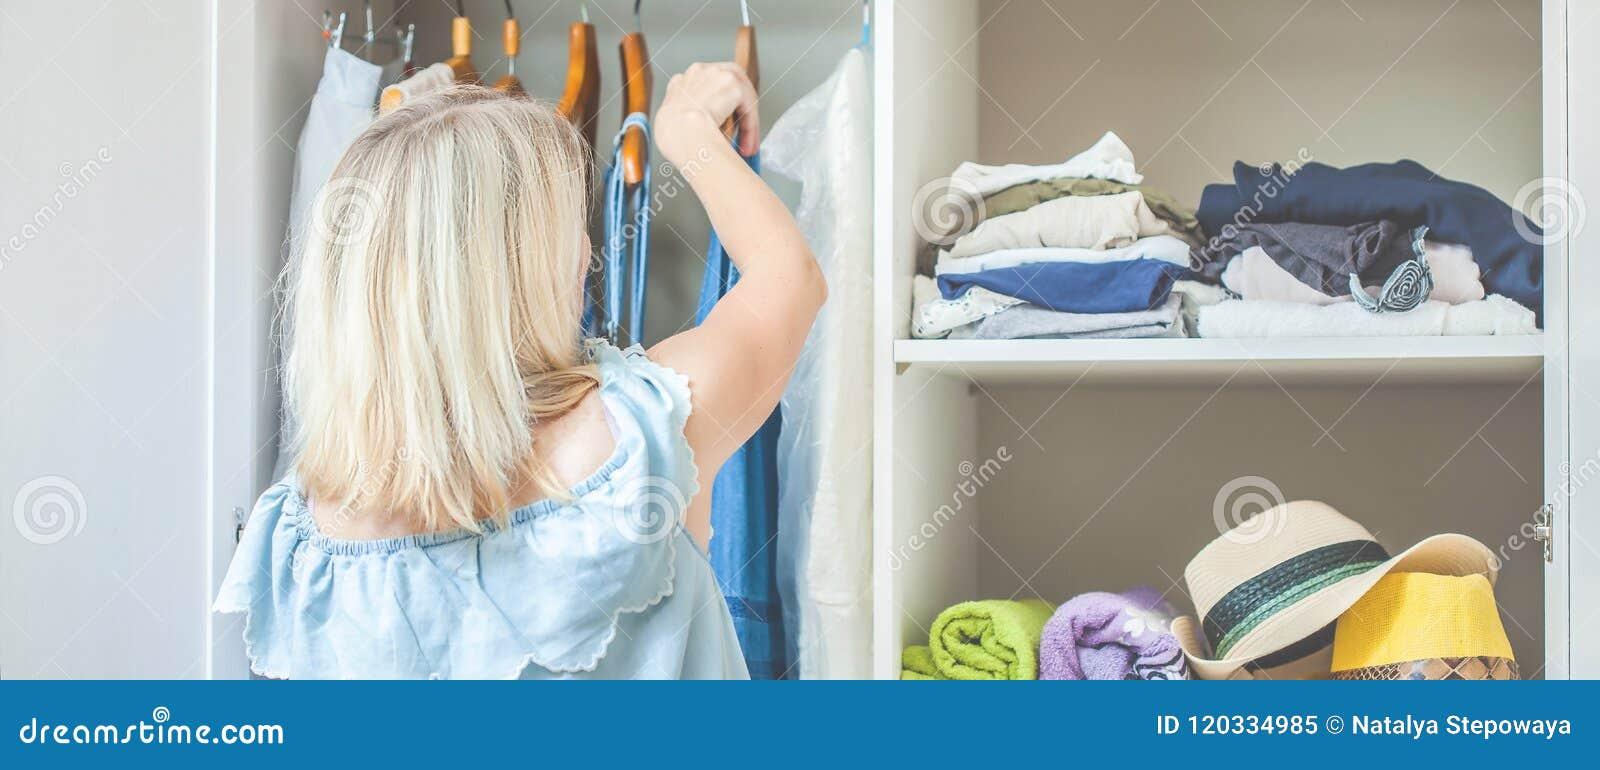 Mädchen nahe einer Garderobe mit Kleidung kann was nicht wählen zu tragen Schweres auserlesenes Konzept hat nichts, Fahne zu trag